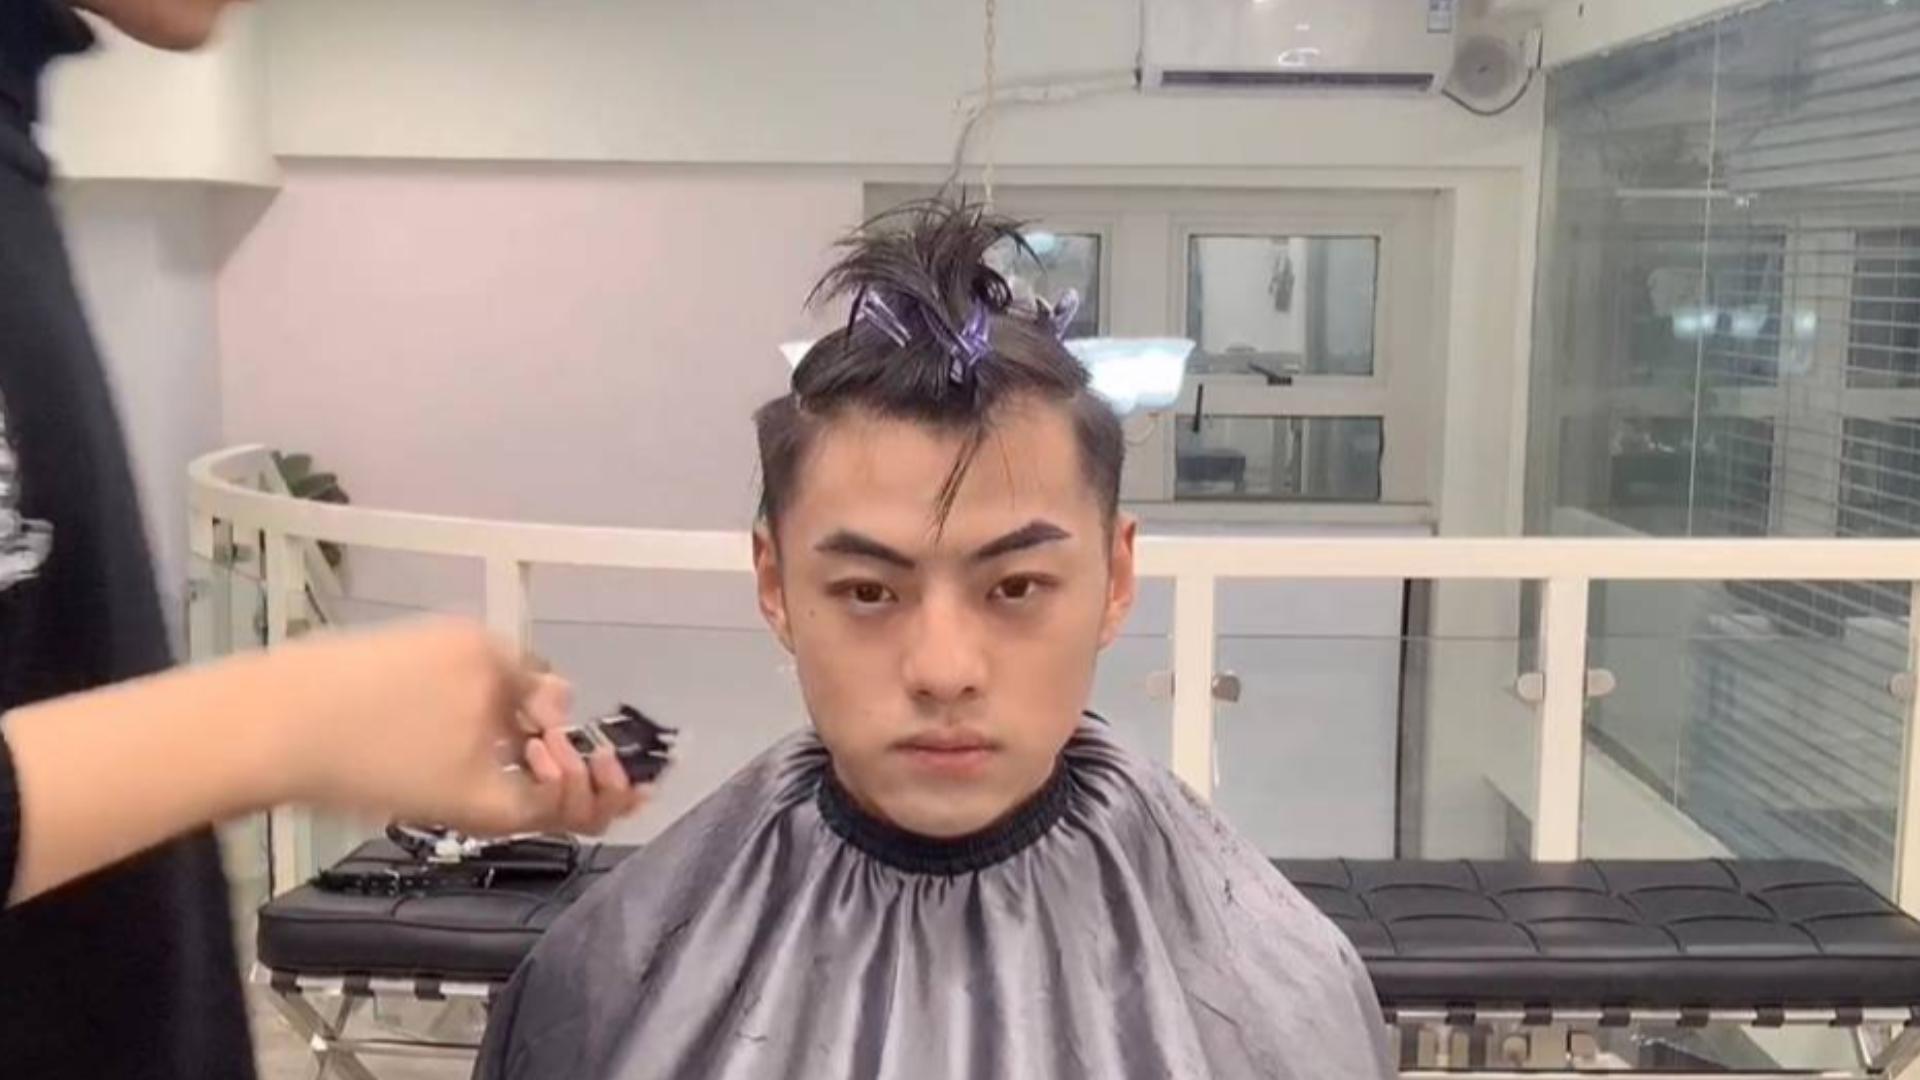 男生脸型不错,三七分背头和括号刘海都能驾驭,发型师教他了两款发型的打理干货,效果是真的帅